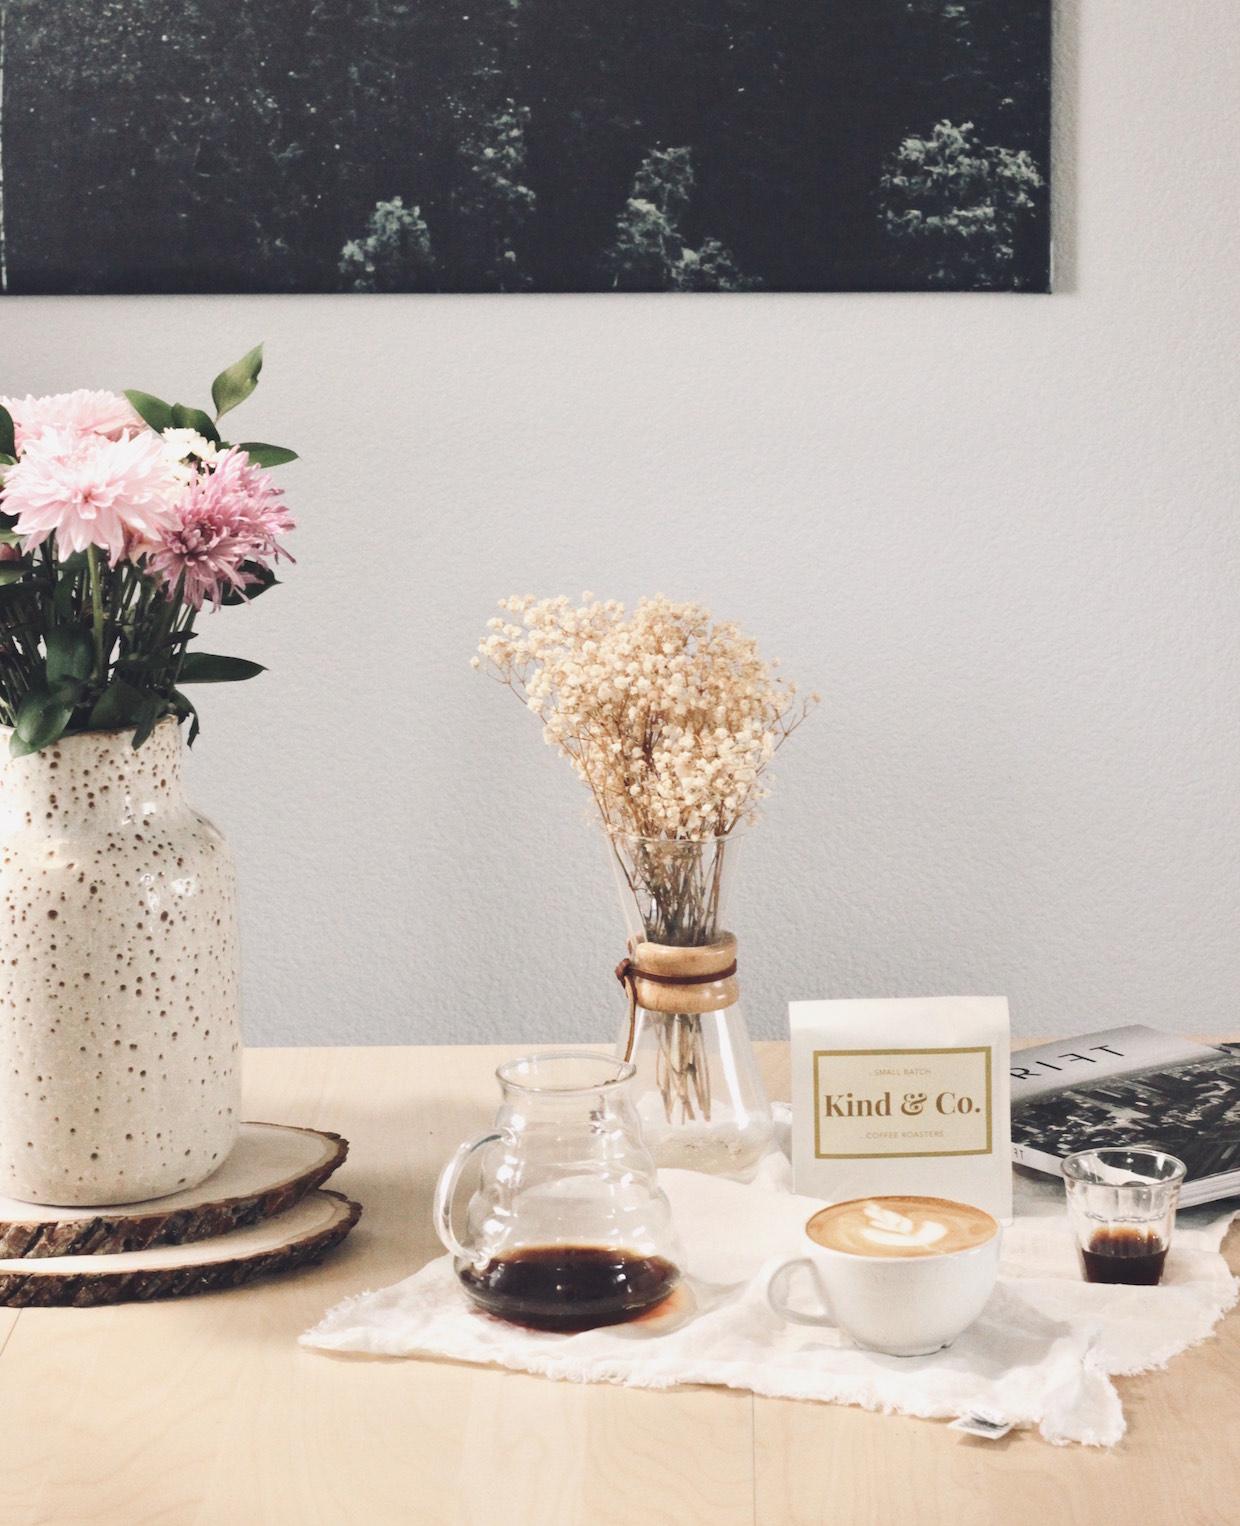 Kind & Co. coffee